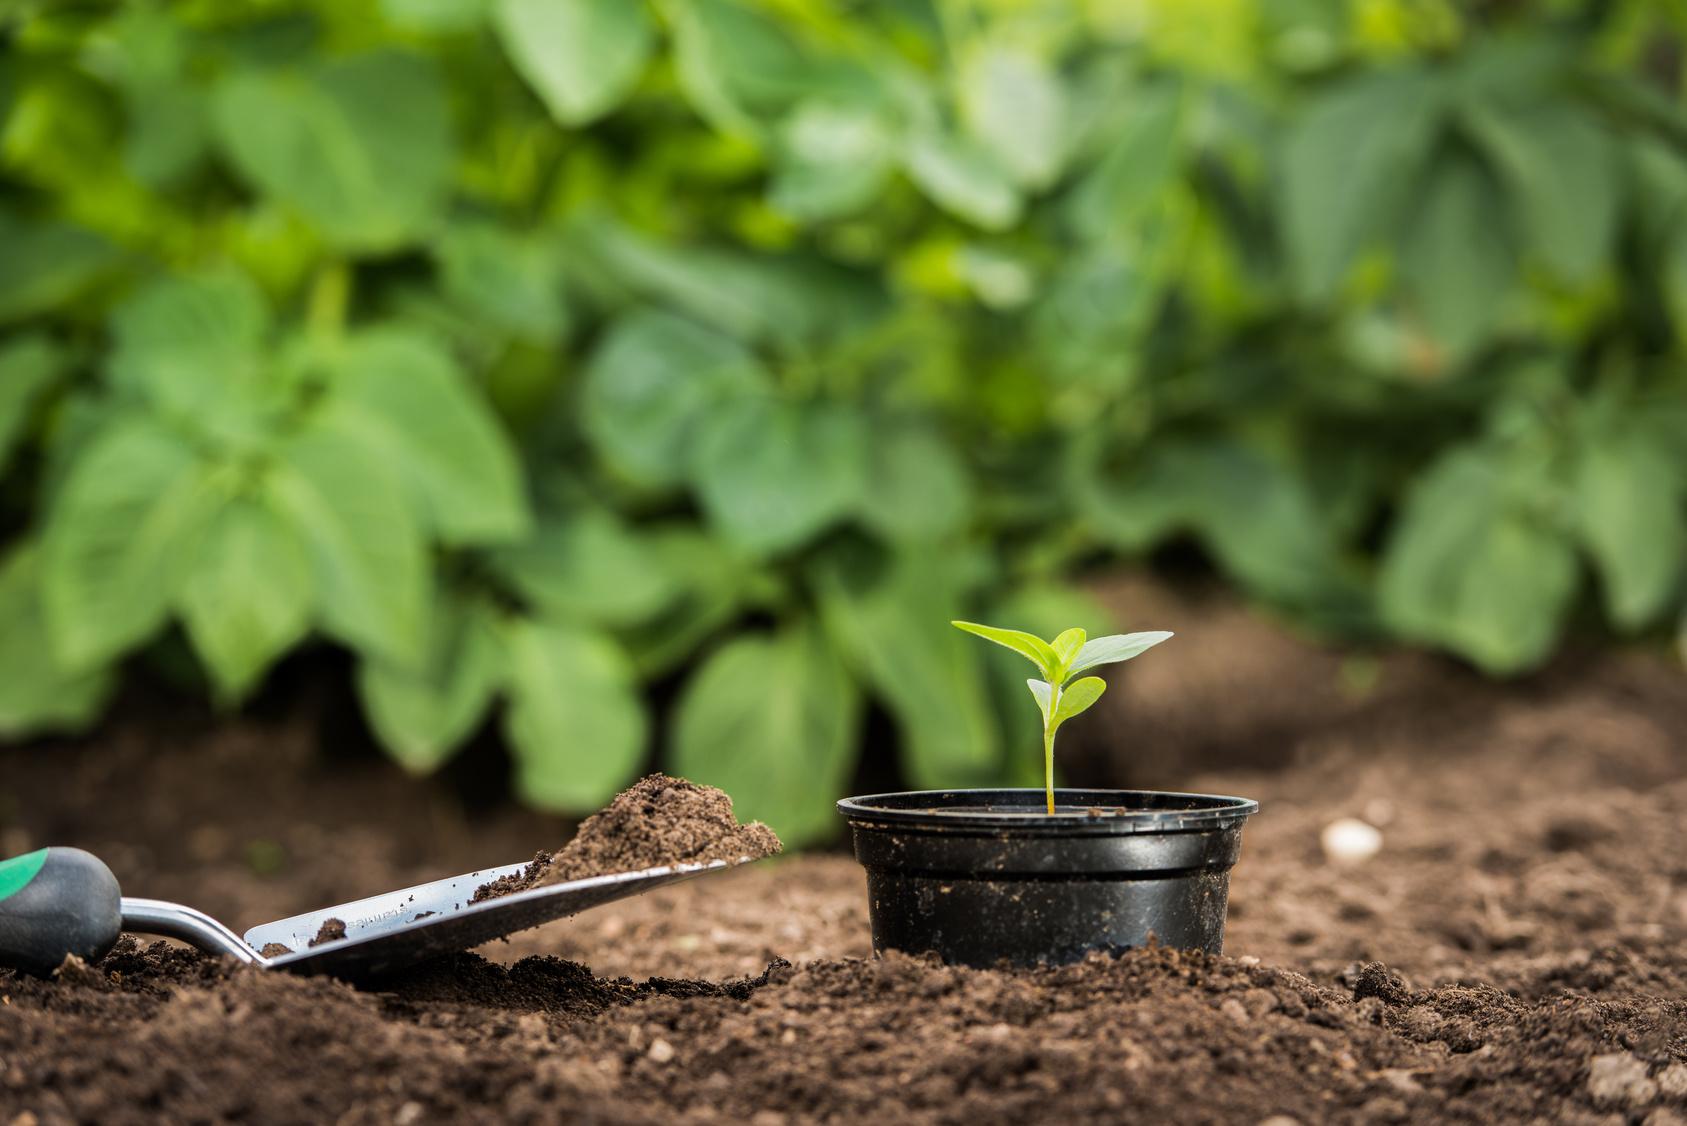 Articoli per agricoltura